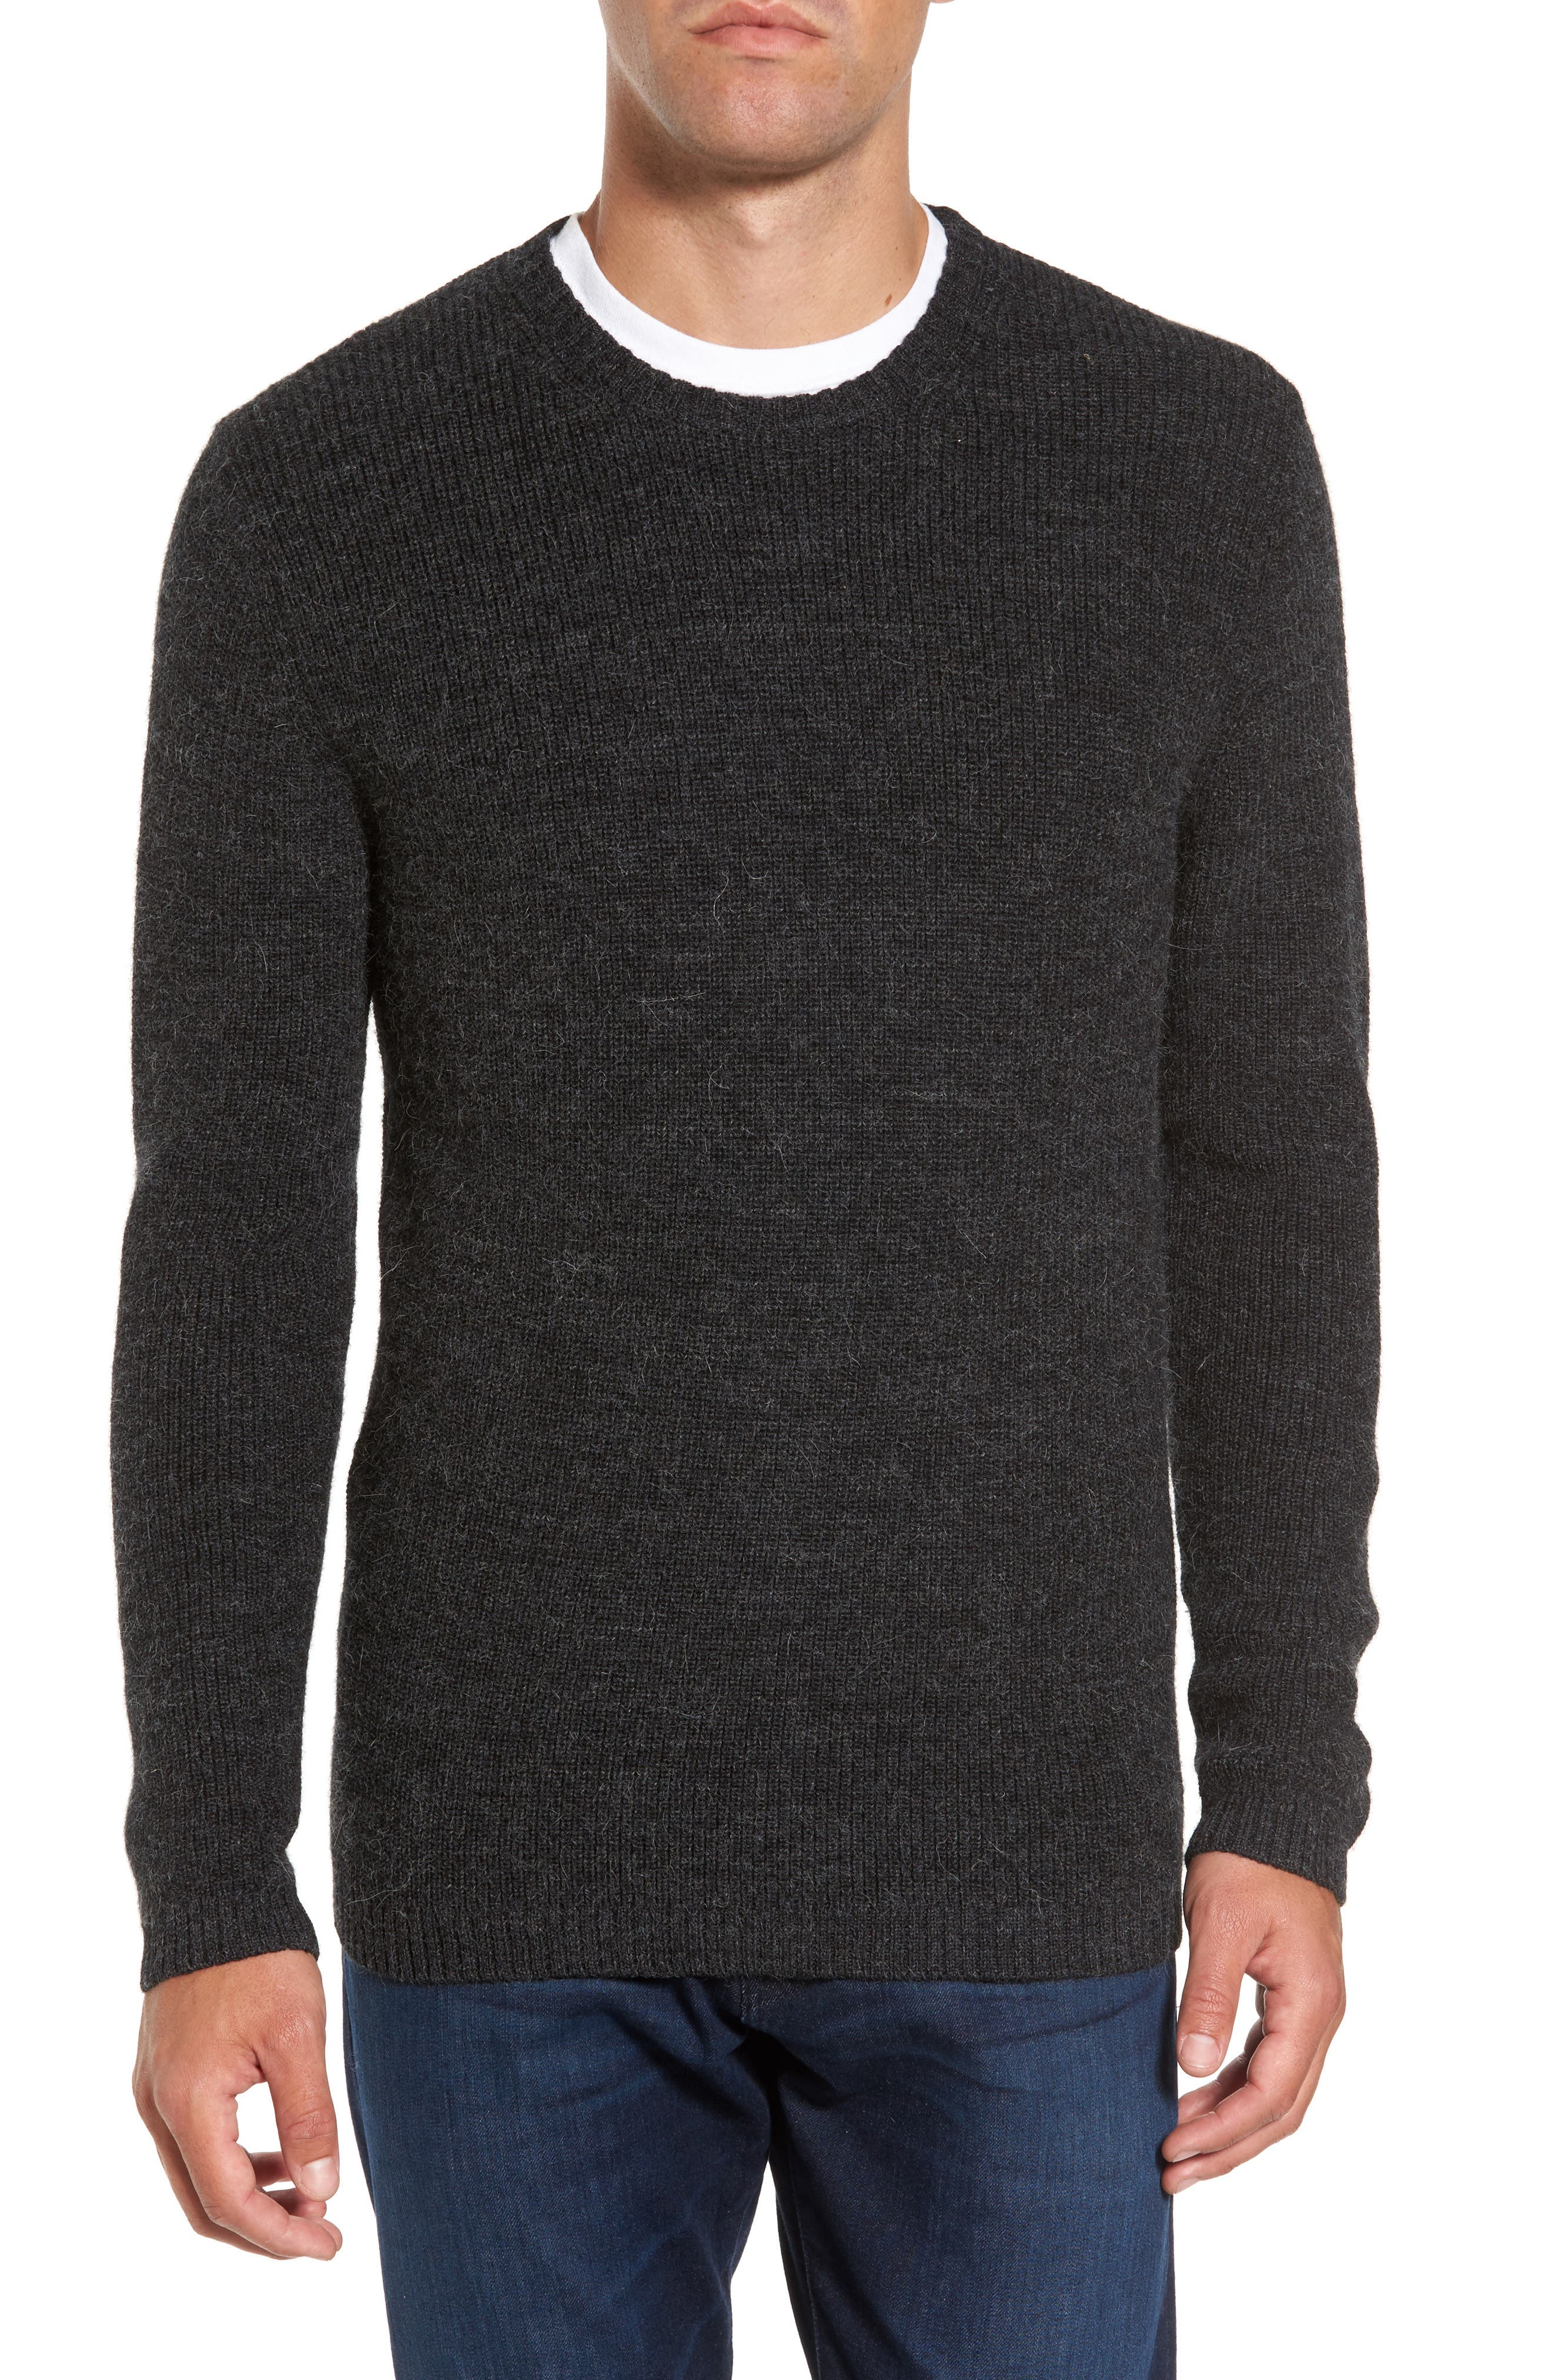 Main Image - Rodd & Gunn Whalers Bay Merino Wool Blend Sweater